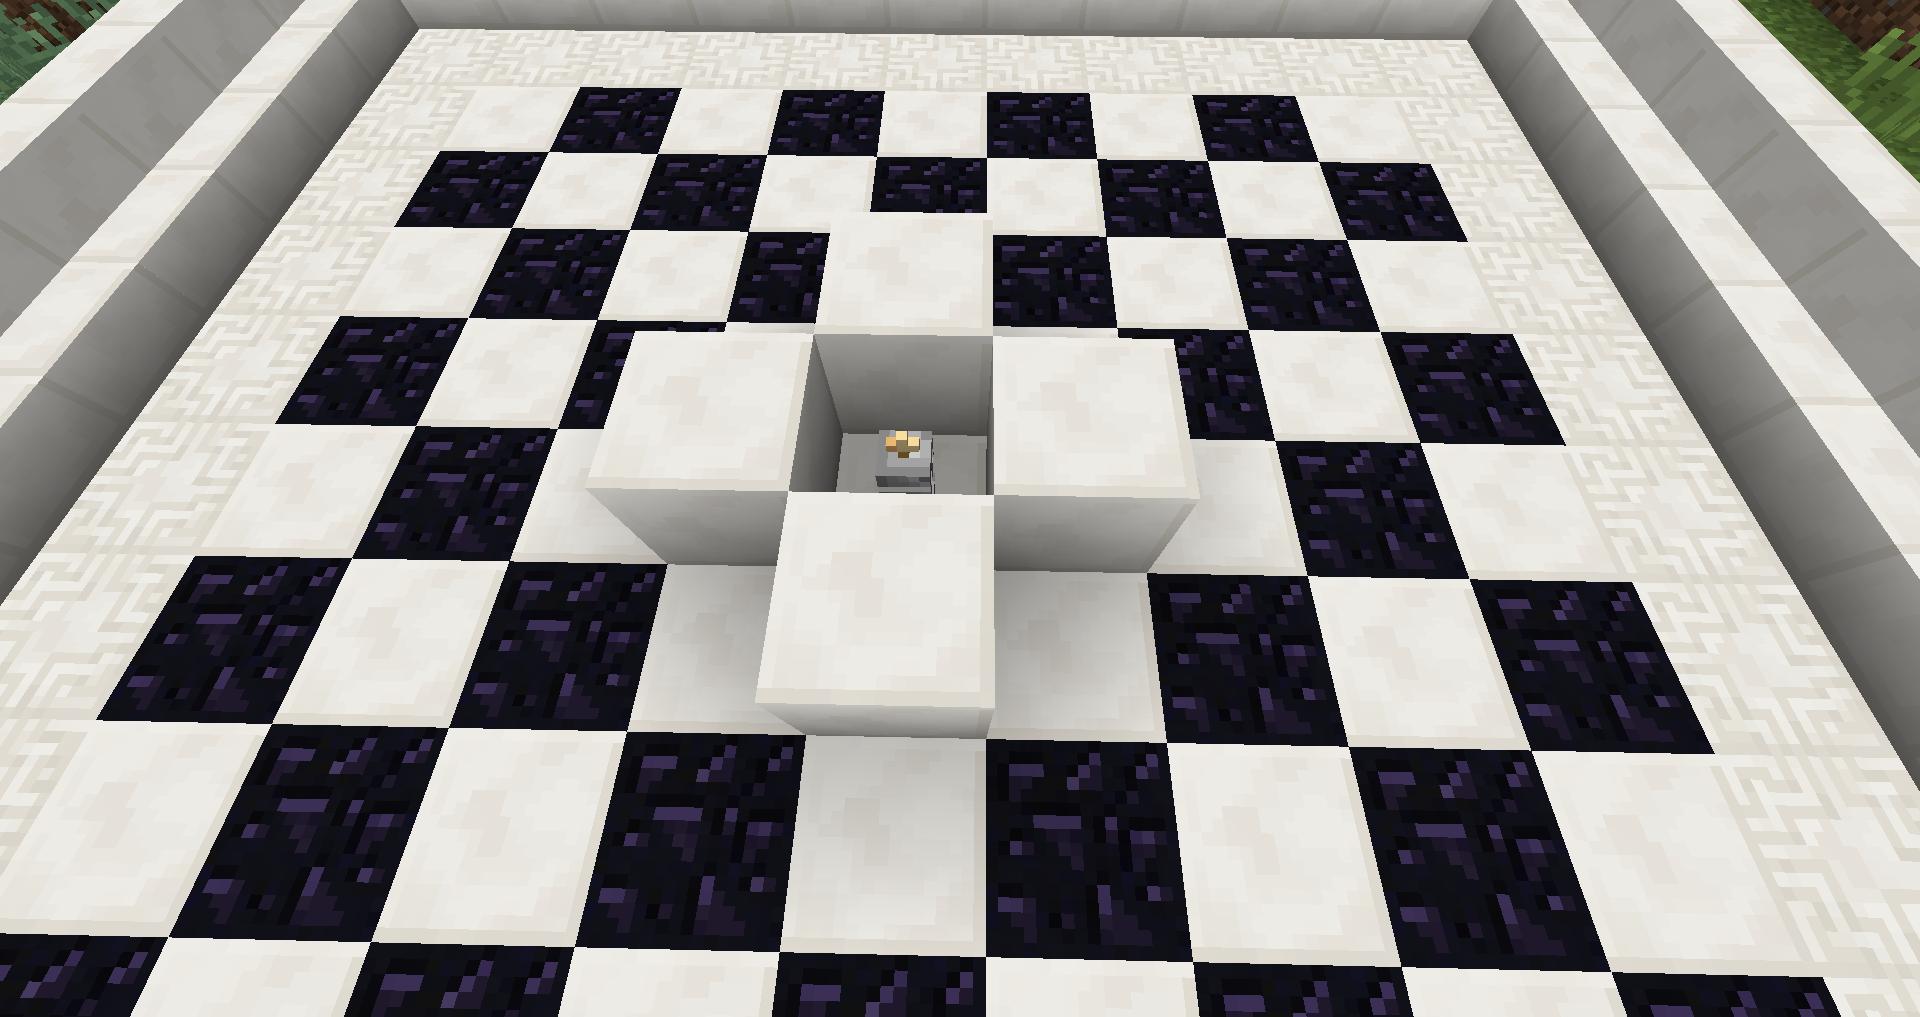 Pawn ritual